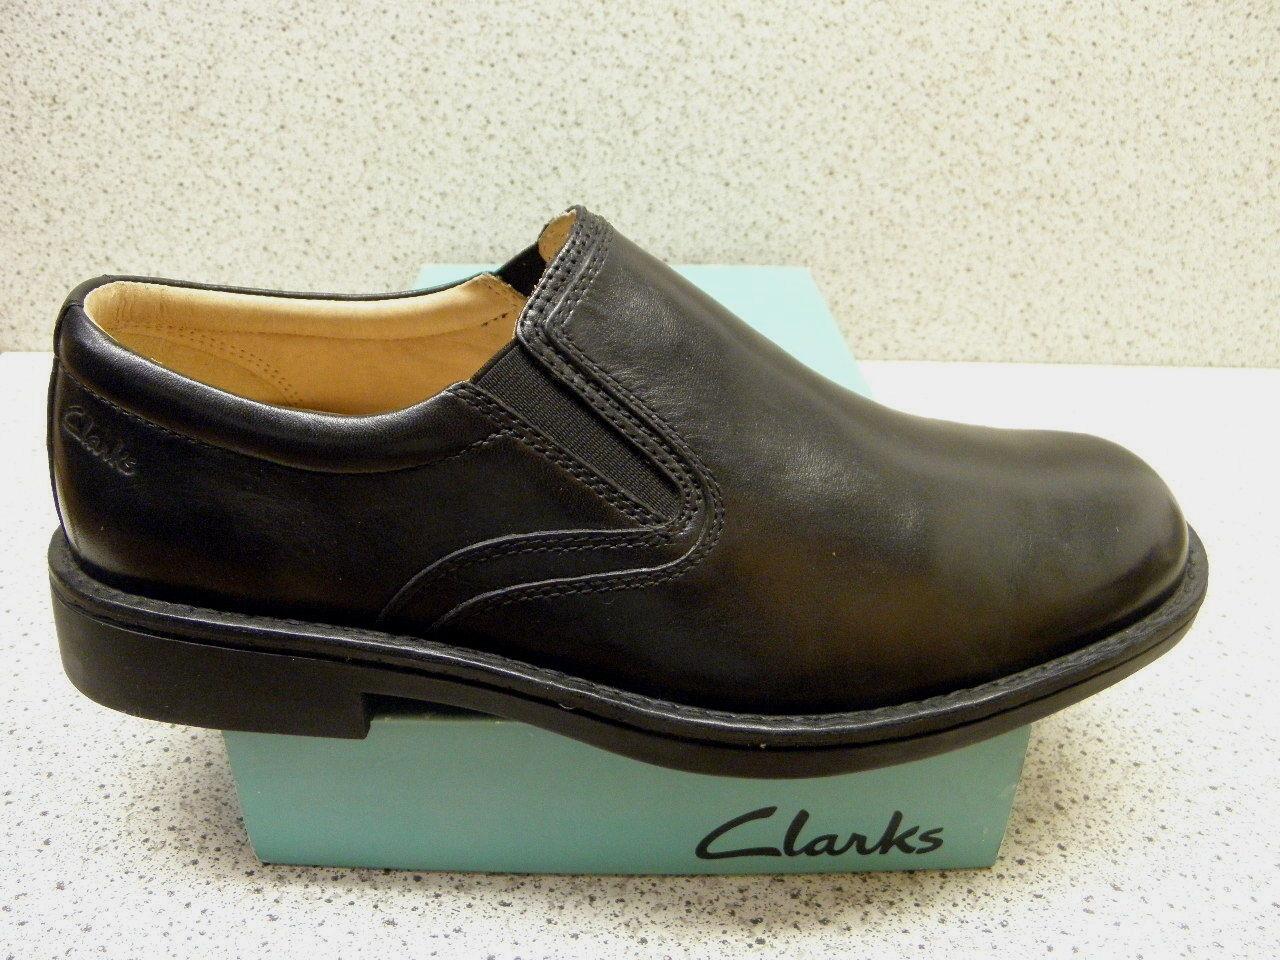 Clarks ® Sale bisher 119,95   Slipper schwarz gratis Premium - Socken   (Z289)